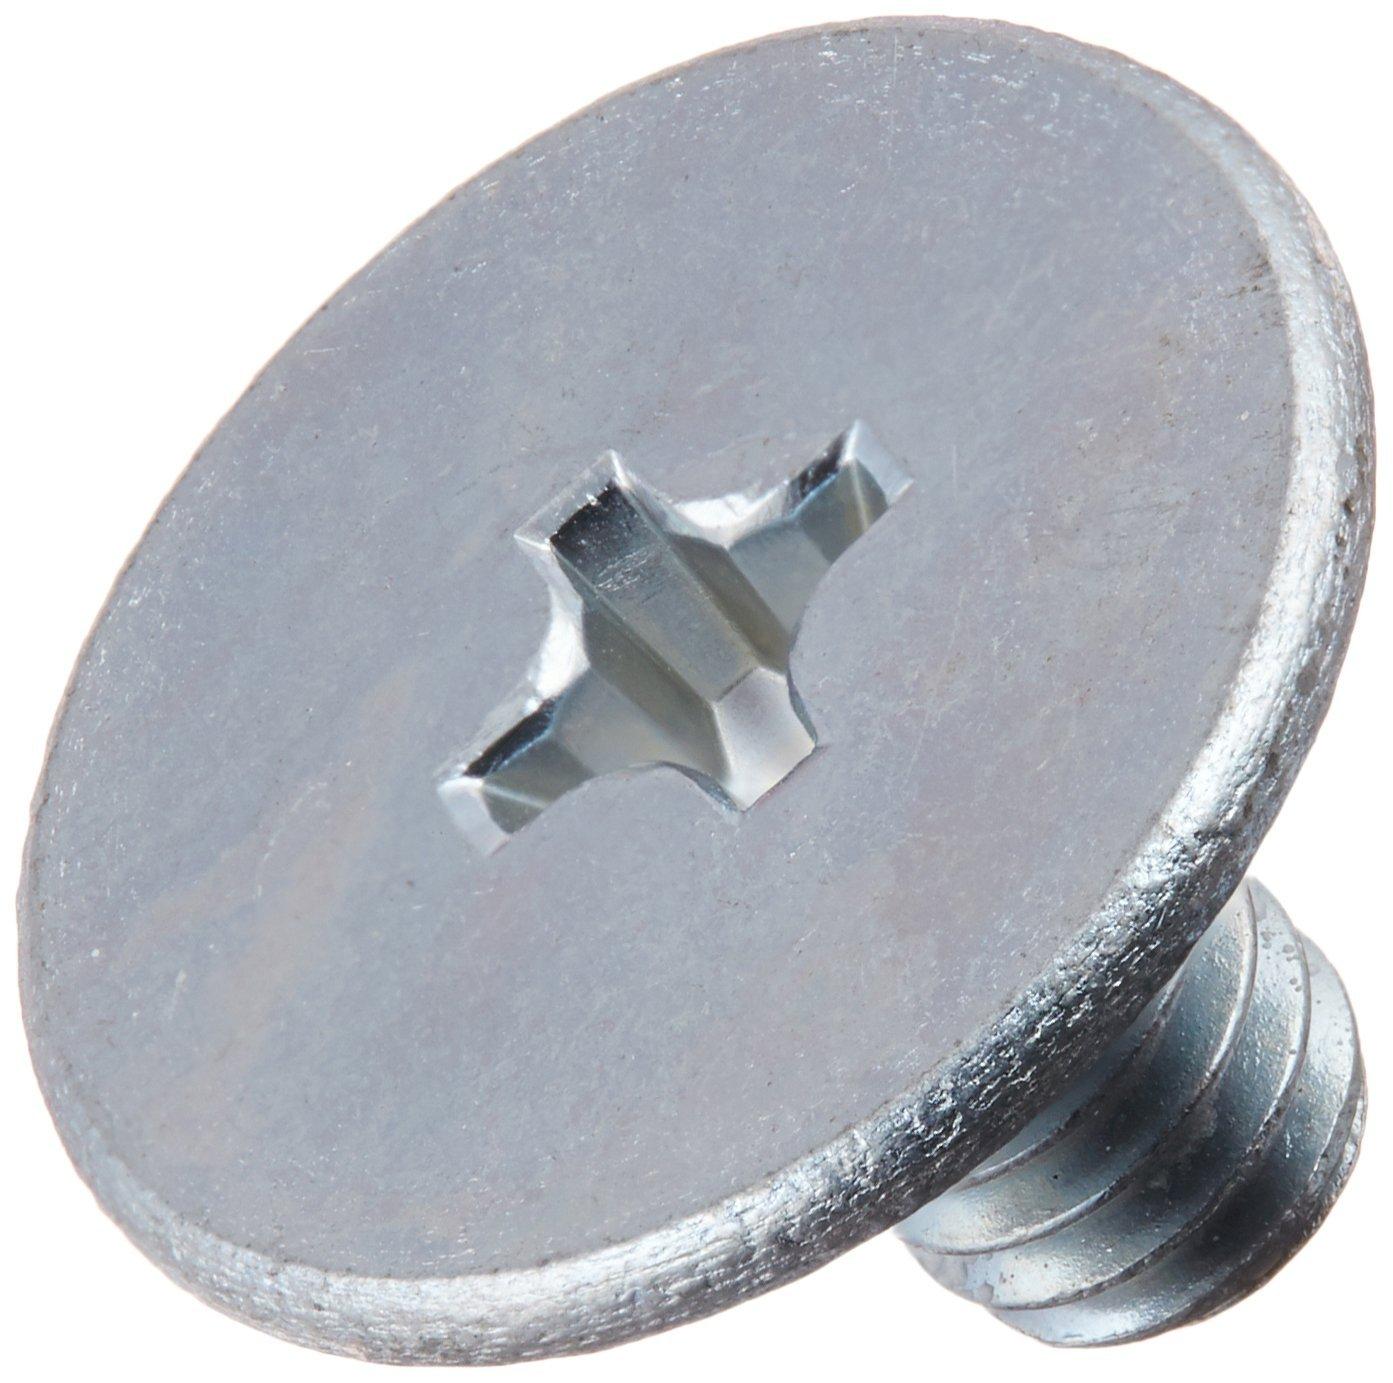 LCN 3130159 3130-159 689 Aluminum Arm Screw